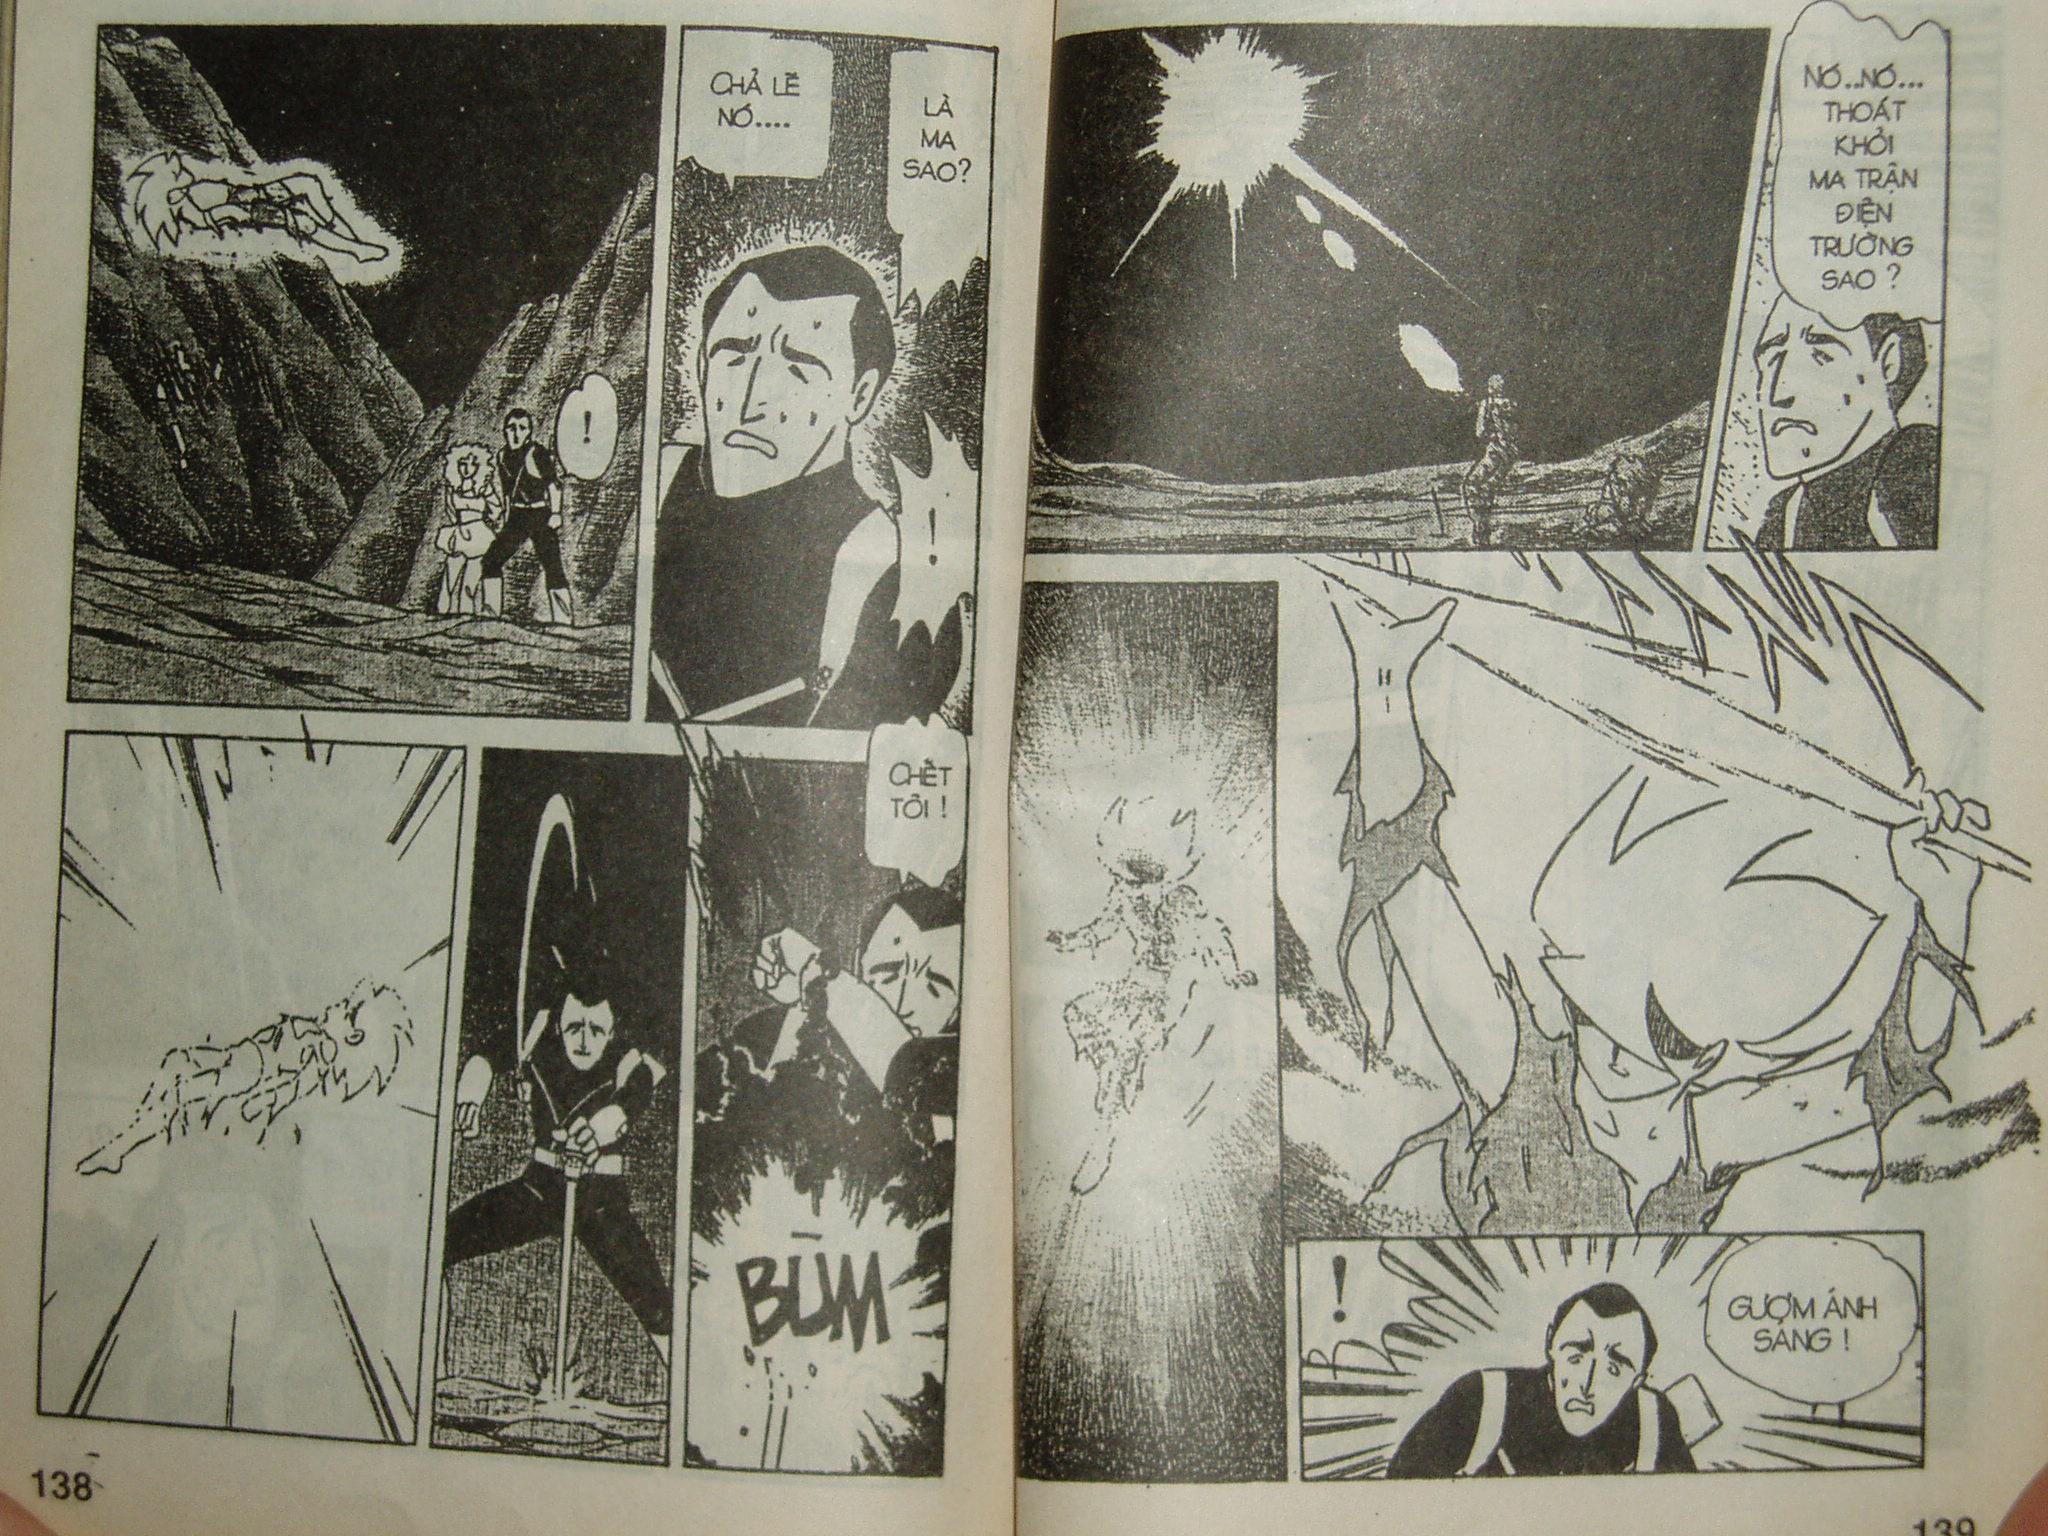 Siêu nhân Locke vol 16 trang 67